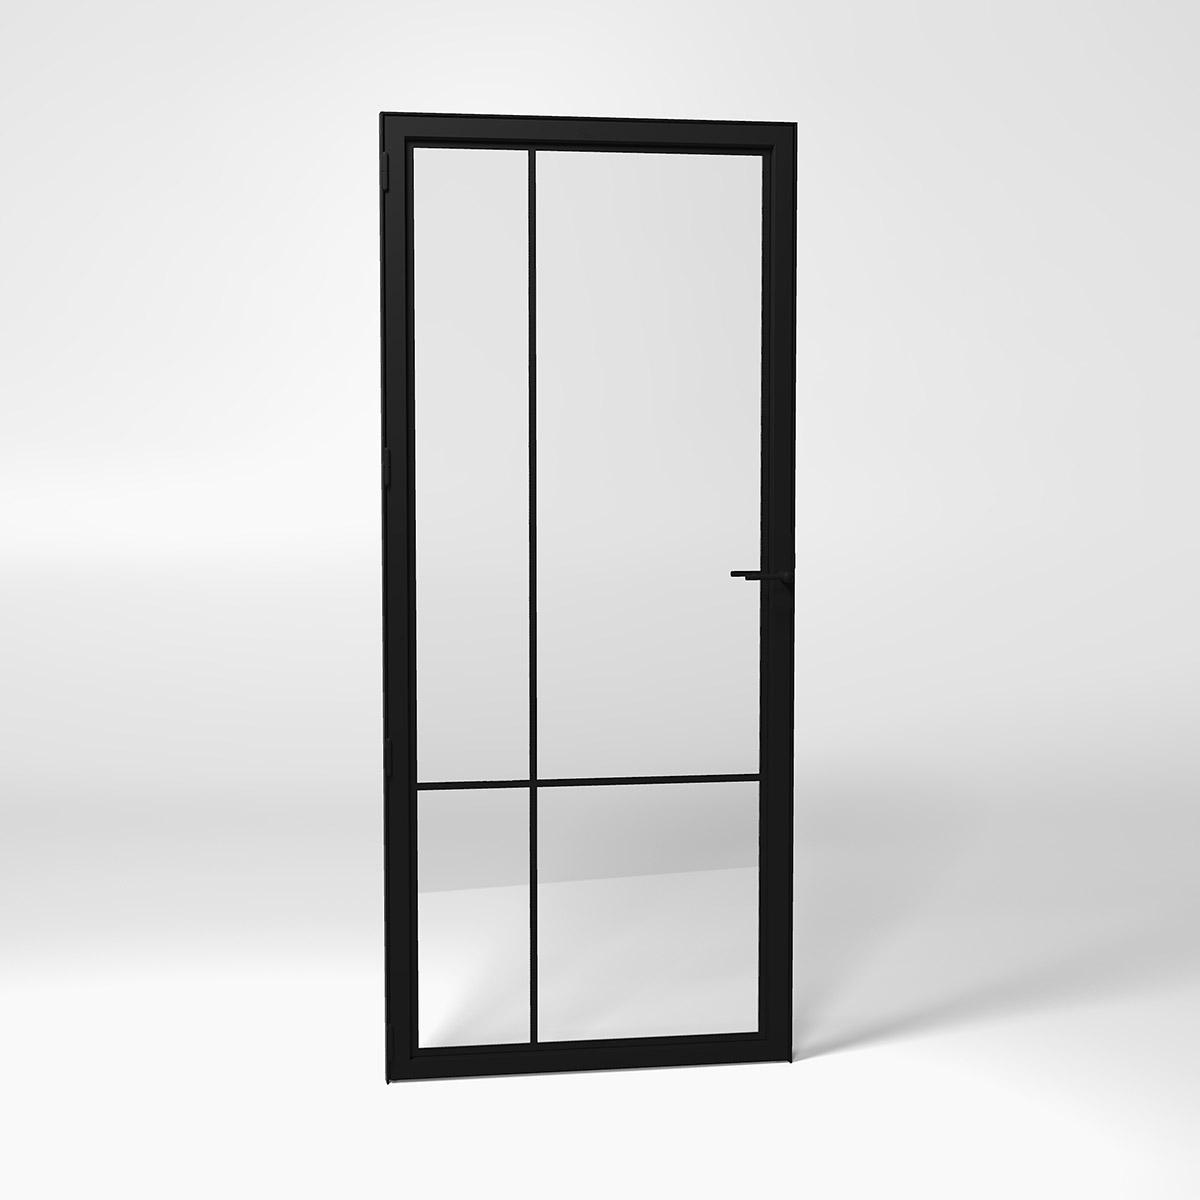 4E steel frame door